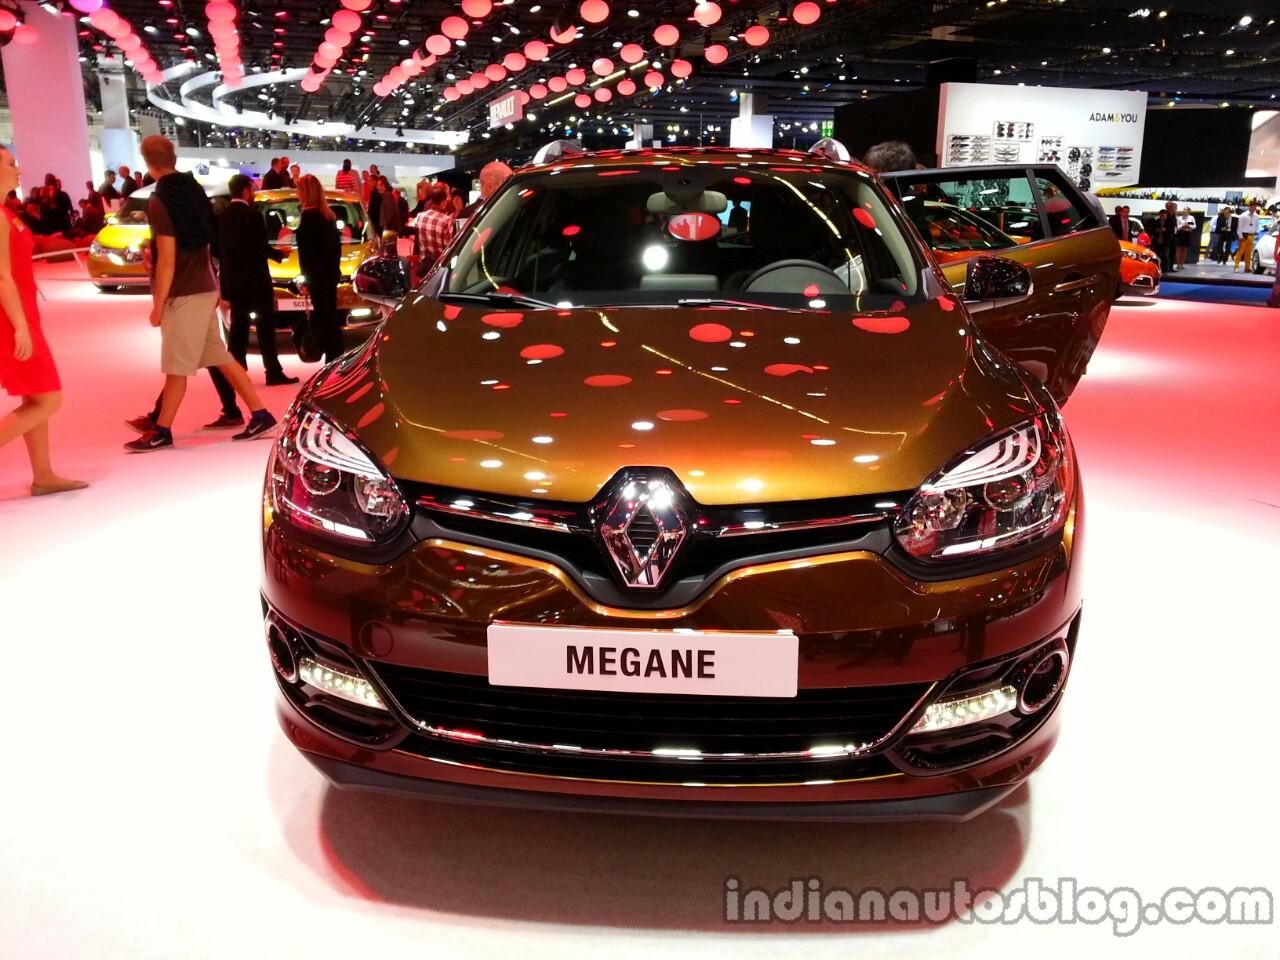 Front of the 2014 Renault Megane estate